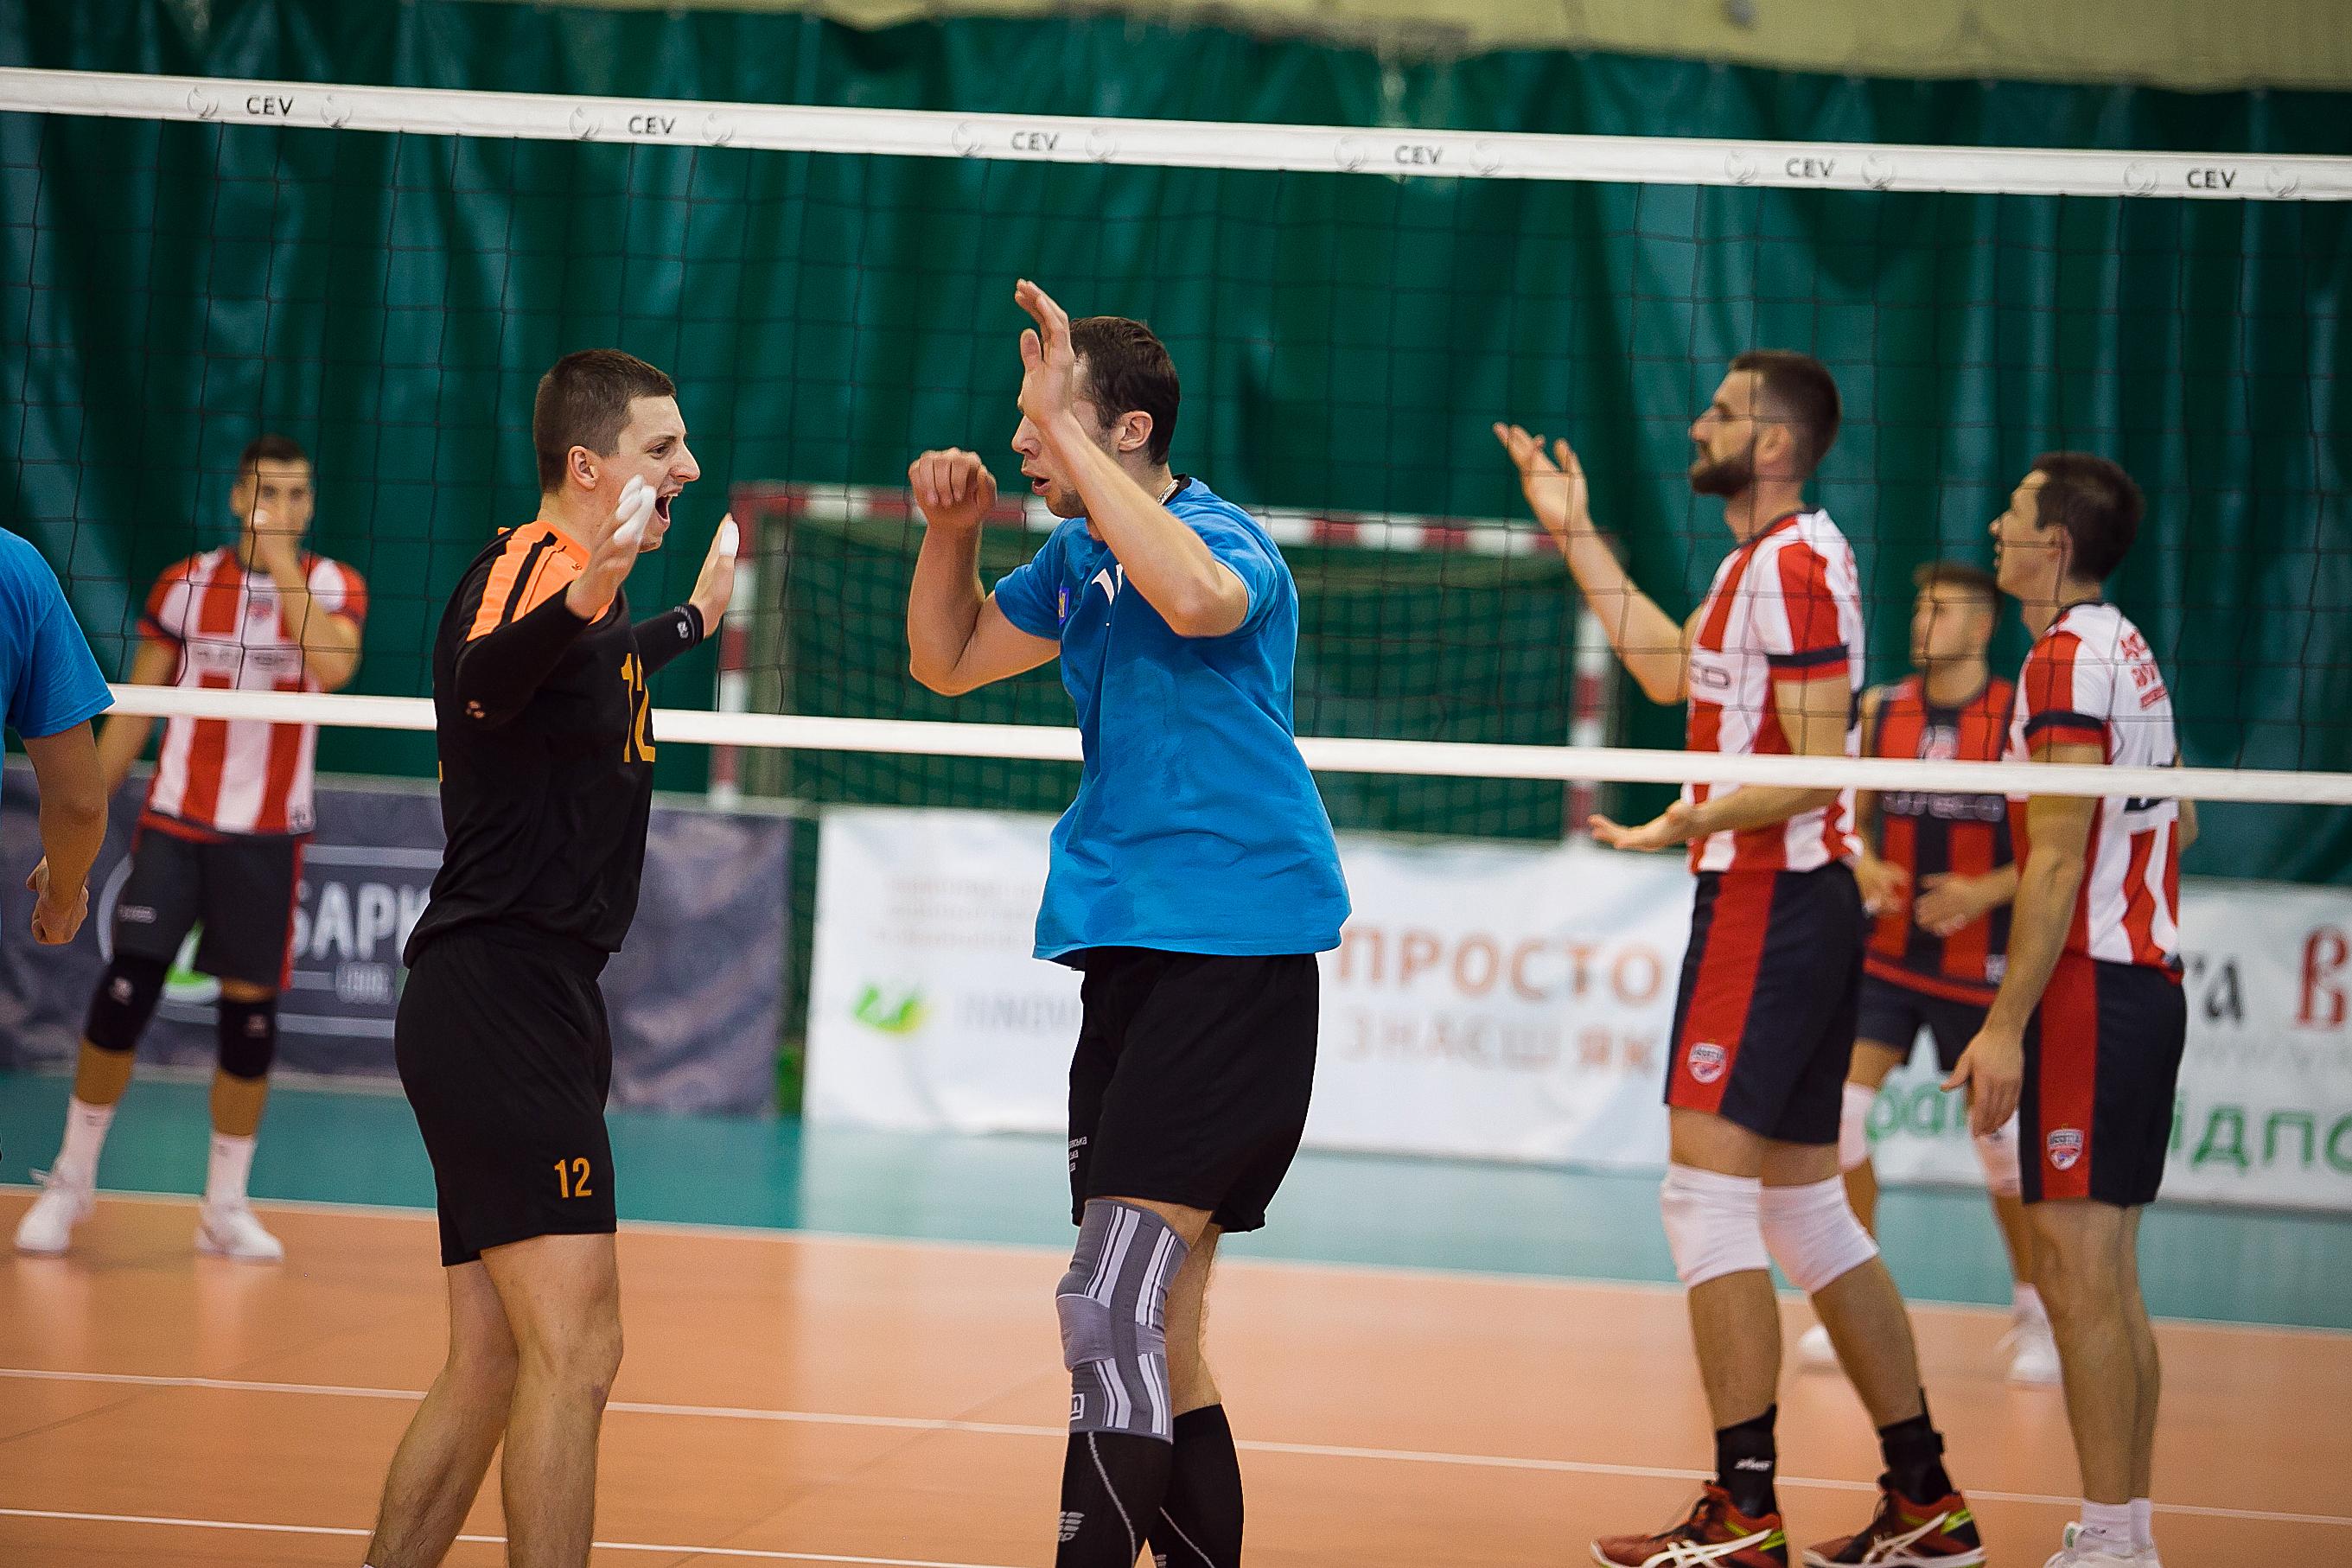 Відкритий Кубок Львова з волейболу 2018. ФОТОЗВІТ - 133